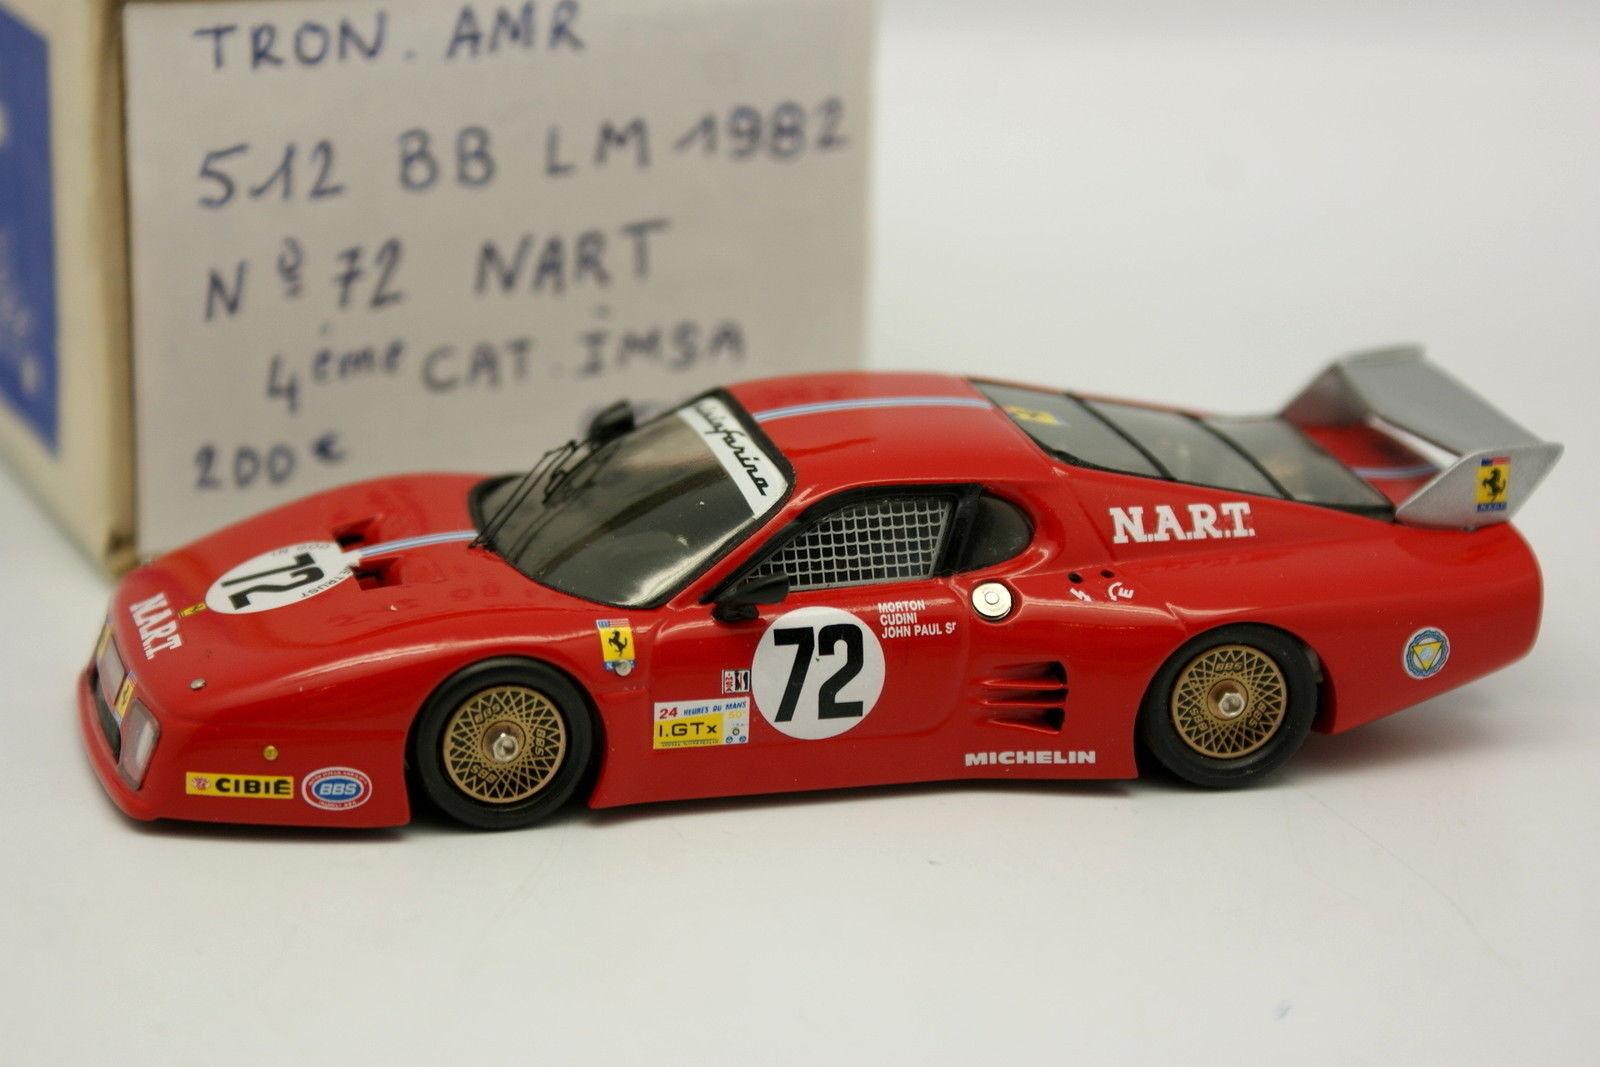 AMR tron kit assembled 1 43 - ferrari 512 BB n º 72 le mans 1982 nart